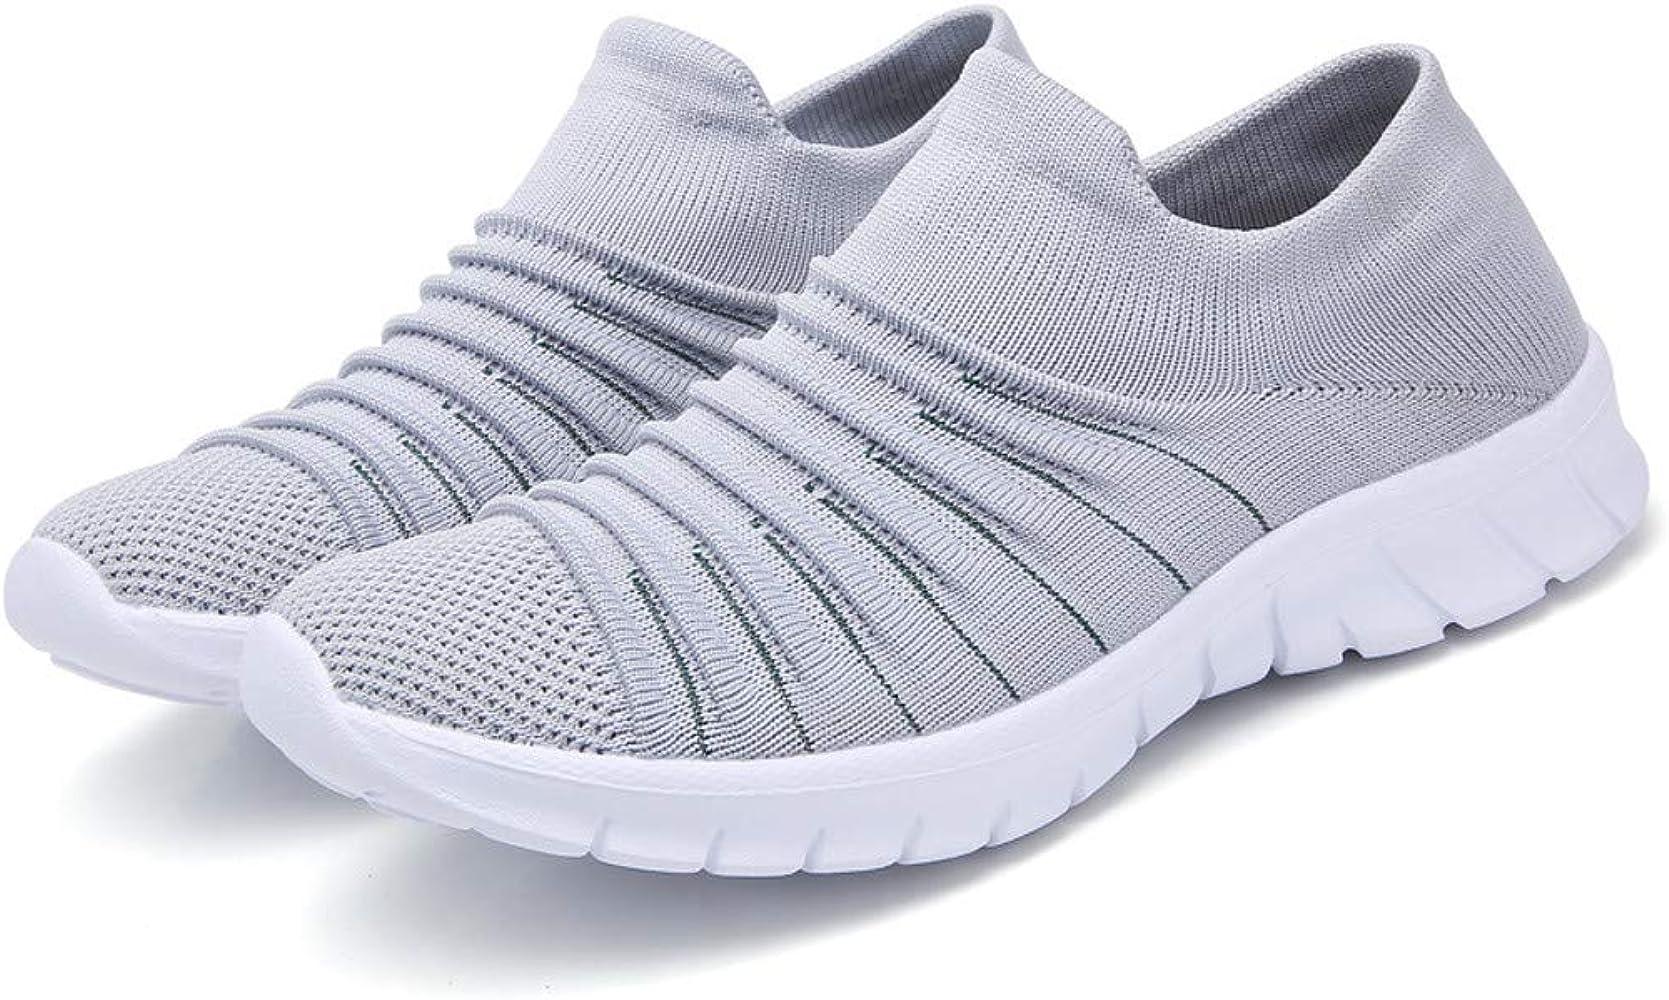 Luckycat Mujer Zapatillas Deportivas Zapatos para Correr Cuña Plataforma Gimnasio Aire para Fitness Transpirables Casual Zapatos Gimnasio Correr Sneakers Aire Libre y Deportes Zapatillas de Running: Amazon.es: Relojes